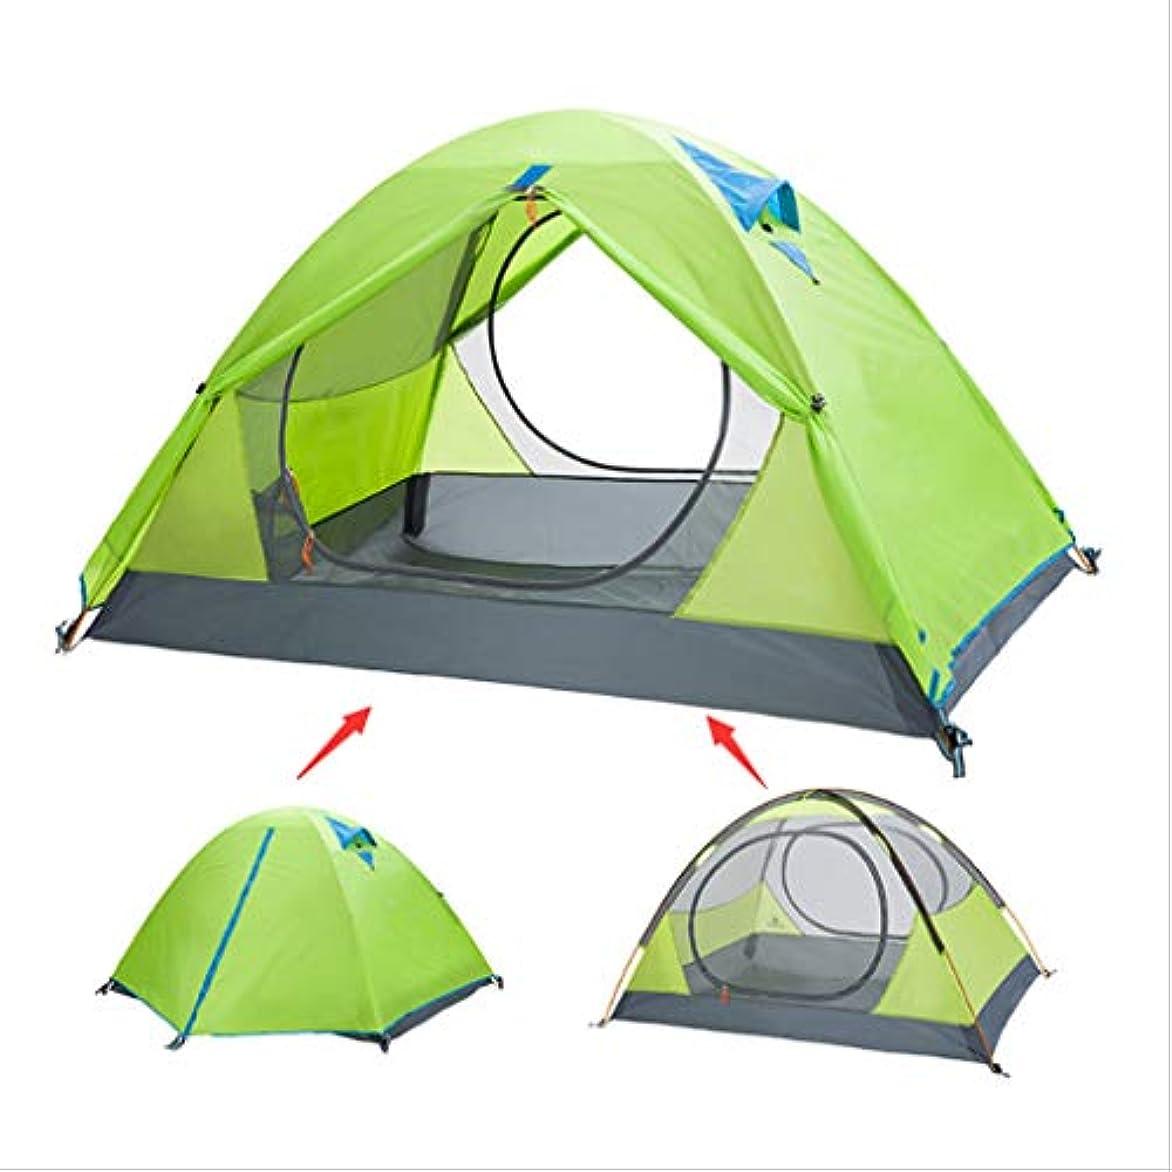 彼女のできれば強打テント、2?3人アウトドアキャンプドームテント日焼け止めシェード防水バックパッキングサバイバル旅行